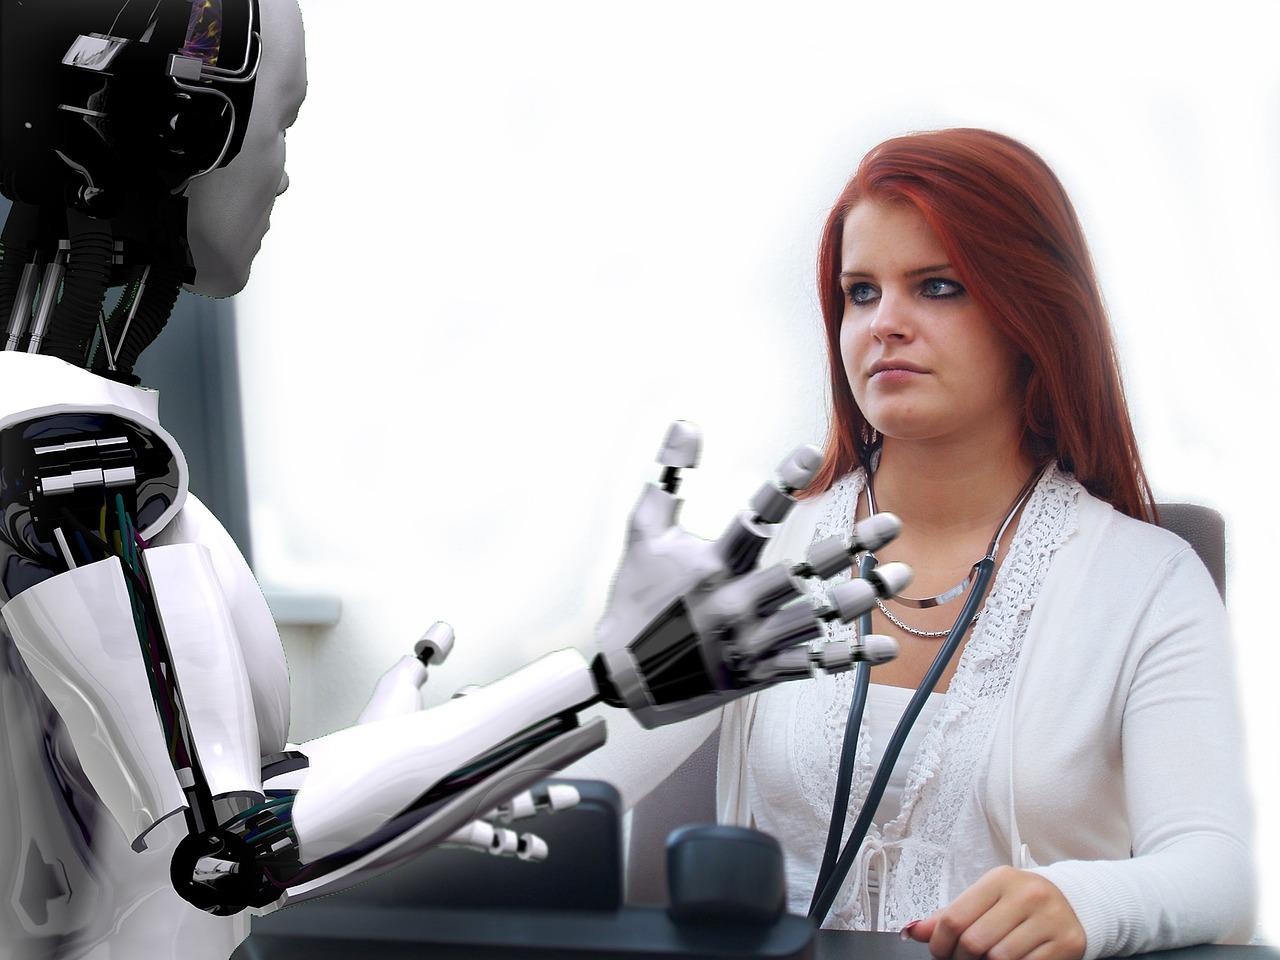 【癒し系会話ロボット】ラボット・パロなどオススメ6選!高齢者や寂しい方・プレゼントにも